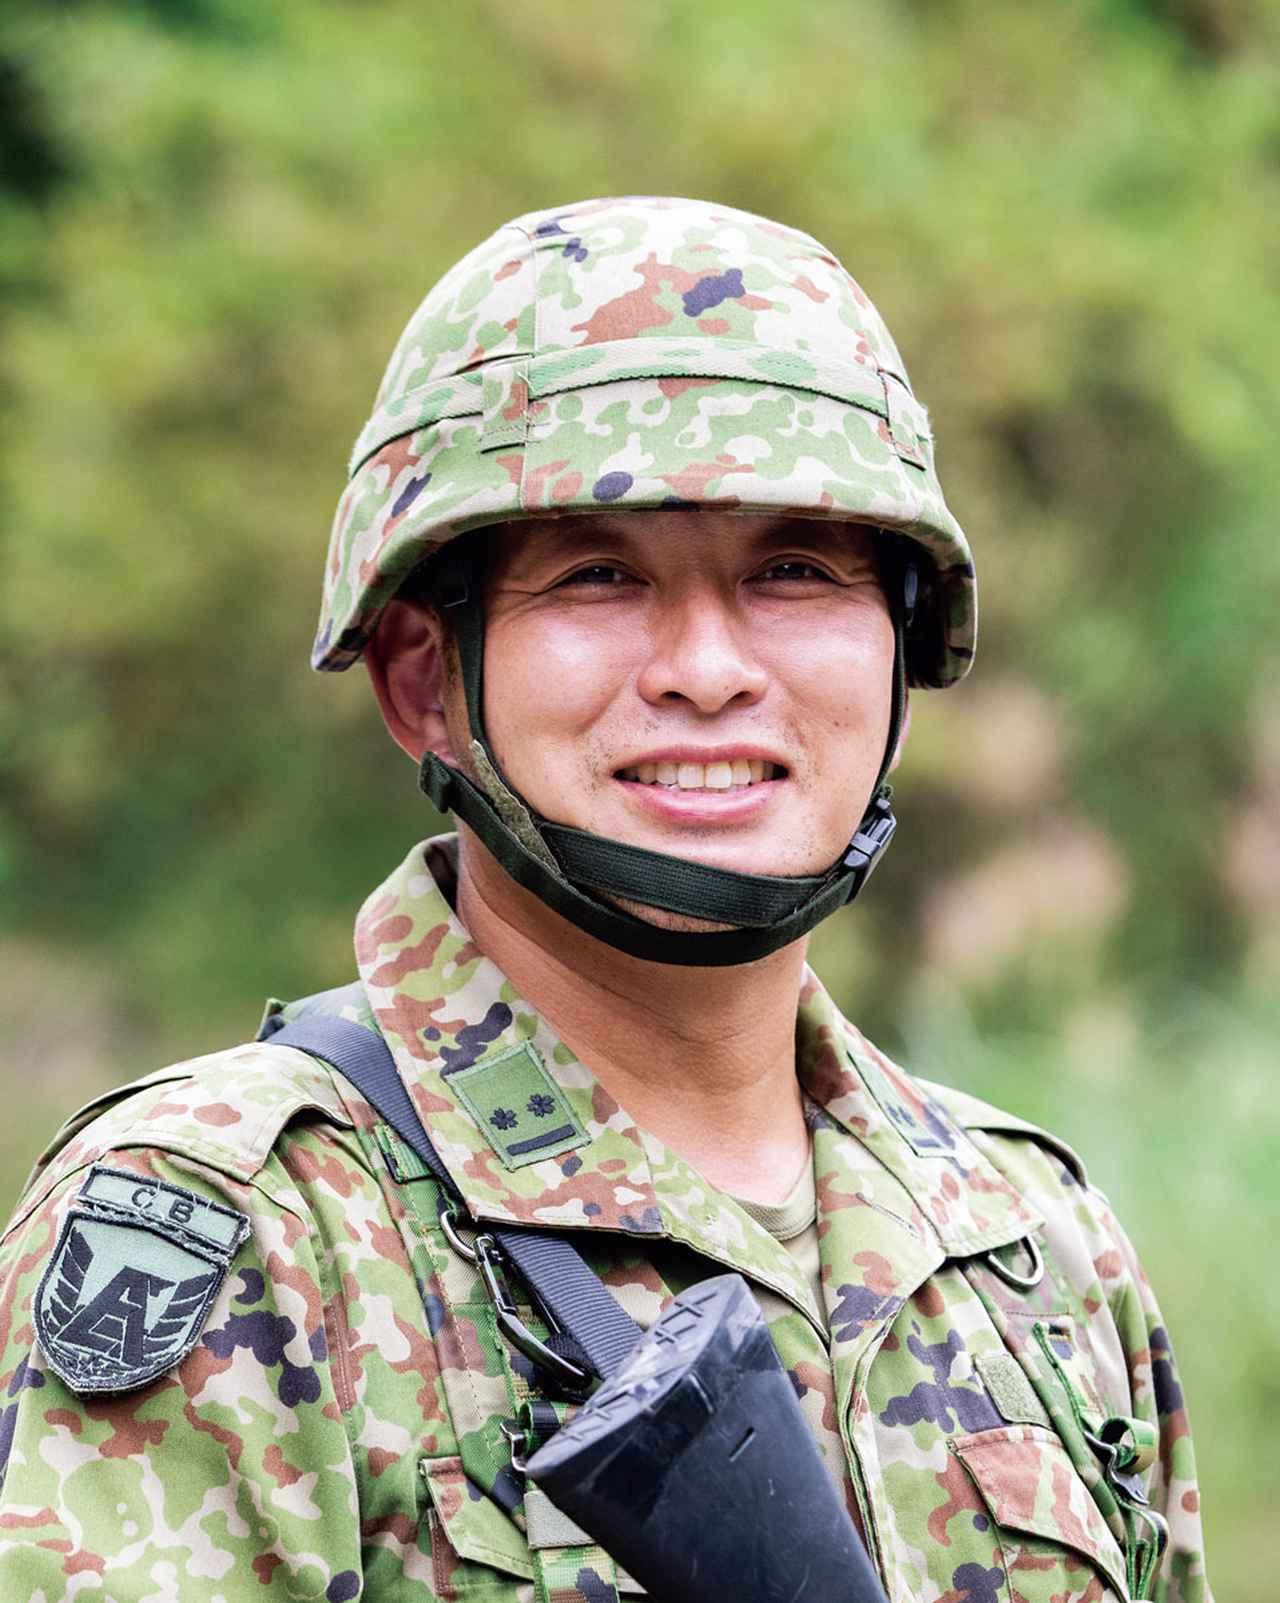 画像: フル連隊(注)からコア部隊の31連隊に配属されて2年目。昨年度は 区隊長 を務め、即応予備自衛官を目指す一般公募予備自衛官の1期生を育成